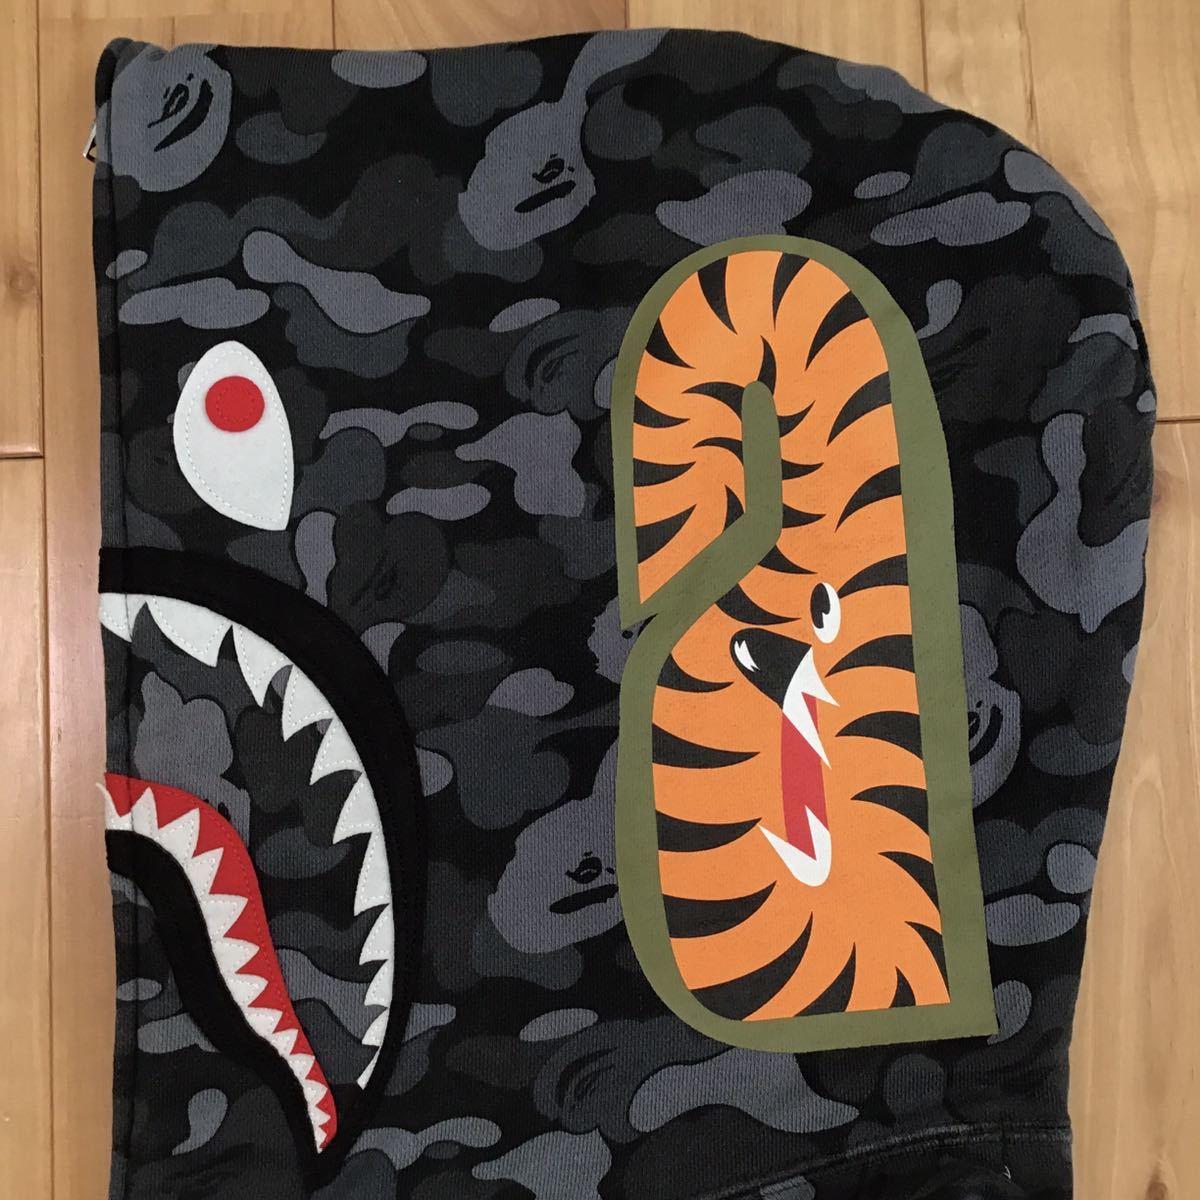 ★青山限定★ aoyama city camo シャーク パーカー Lサイズ shark full zip hoodie a bathing ape BAPE エイプ ベイプ アベイシングエイプ